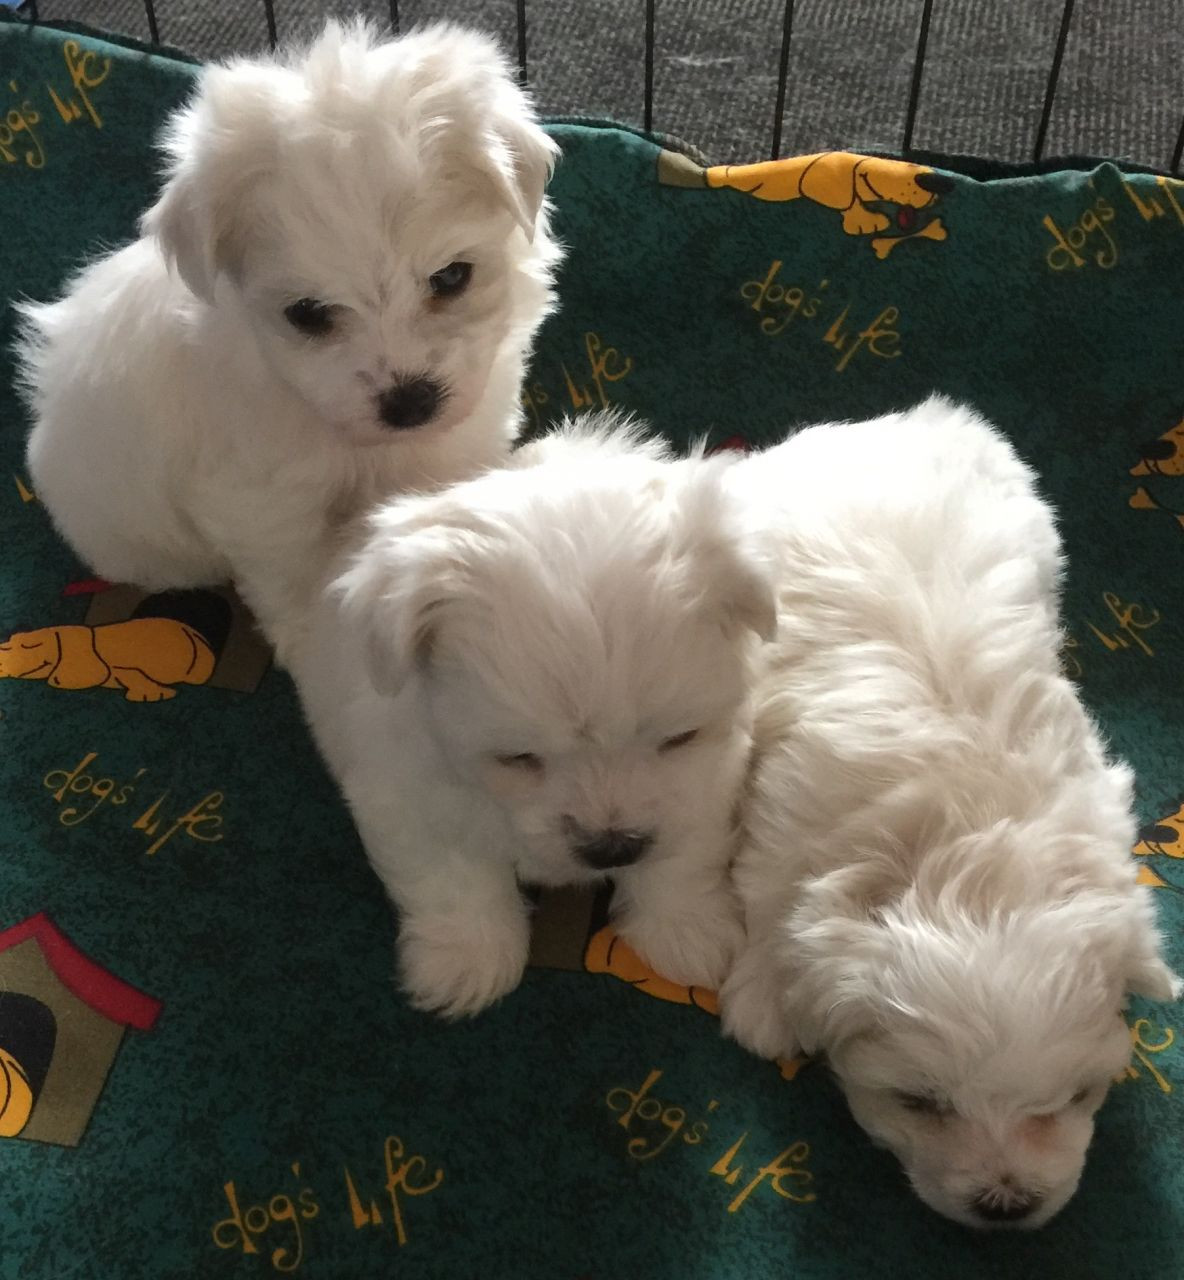 Maltese Puppies For Sale | California Avenue, Surratts, MD ...